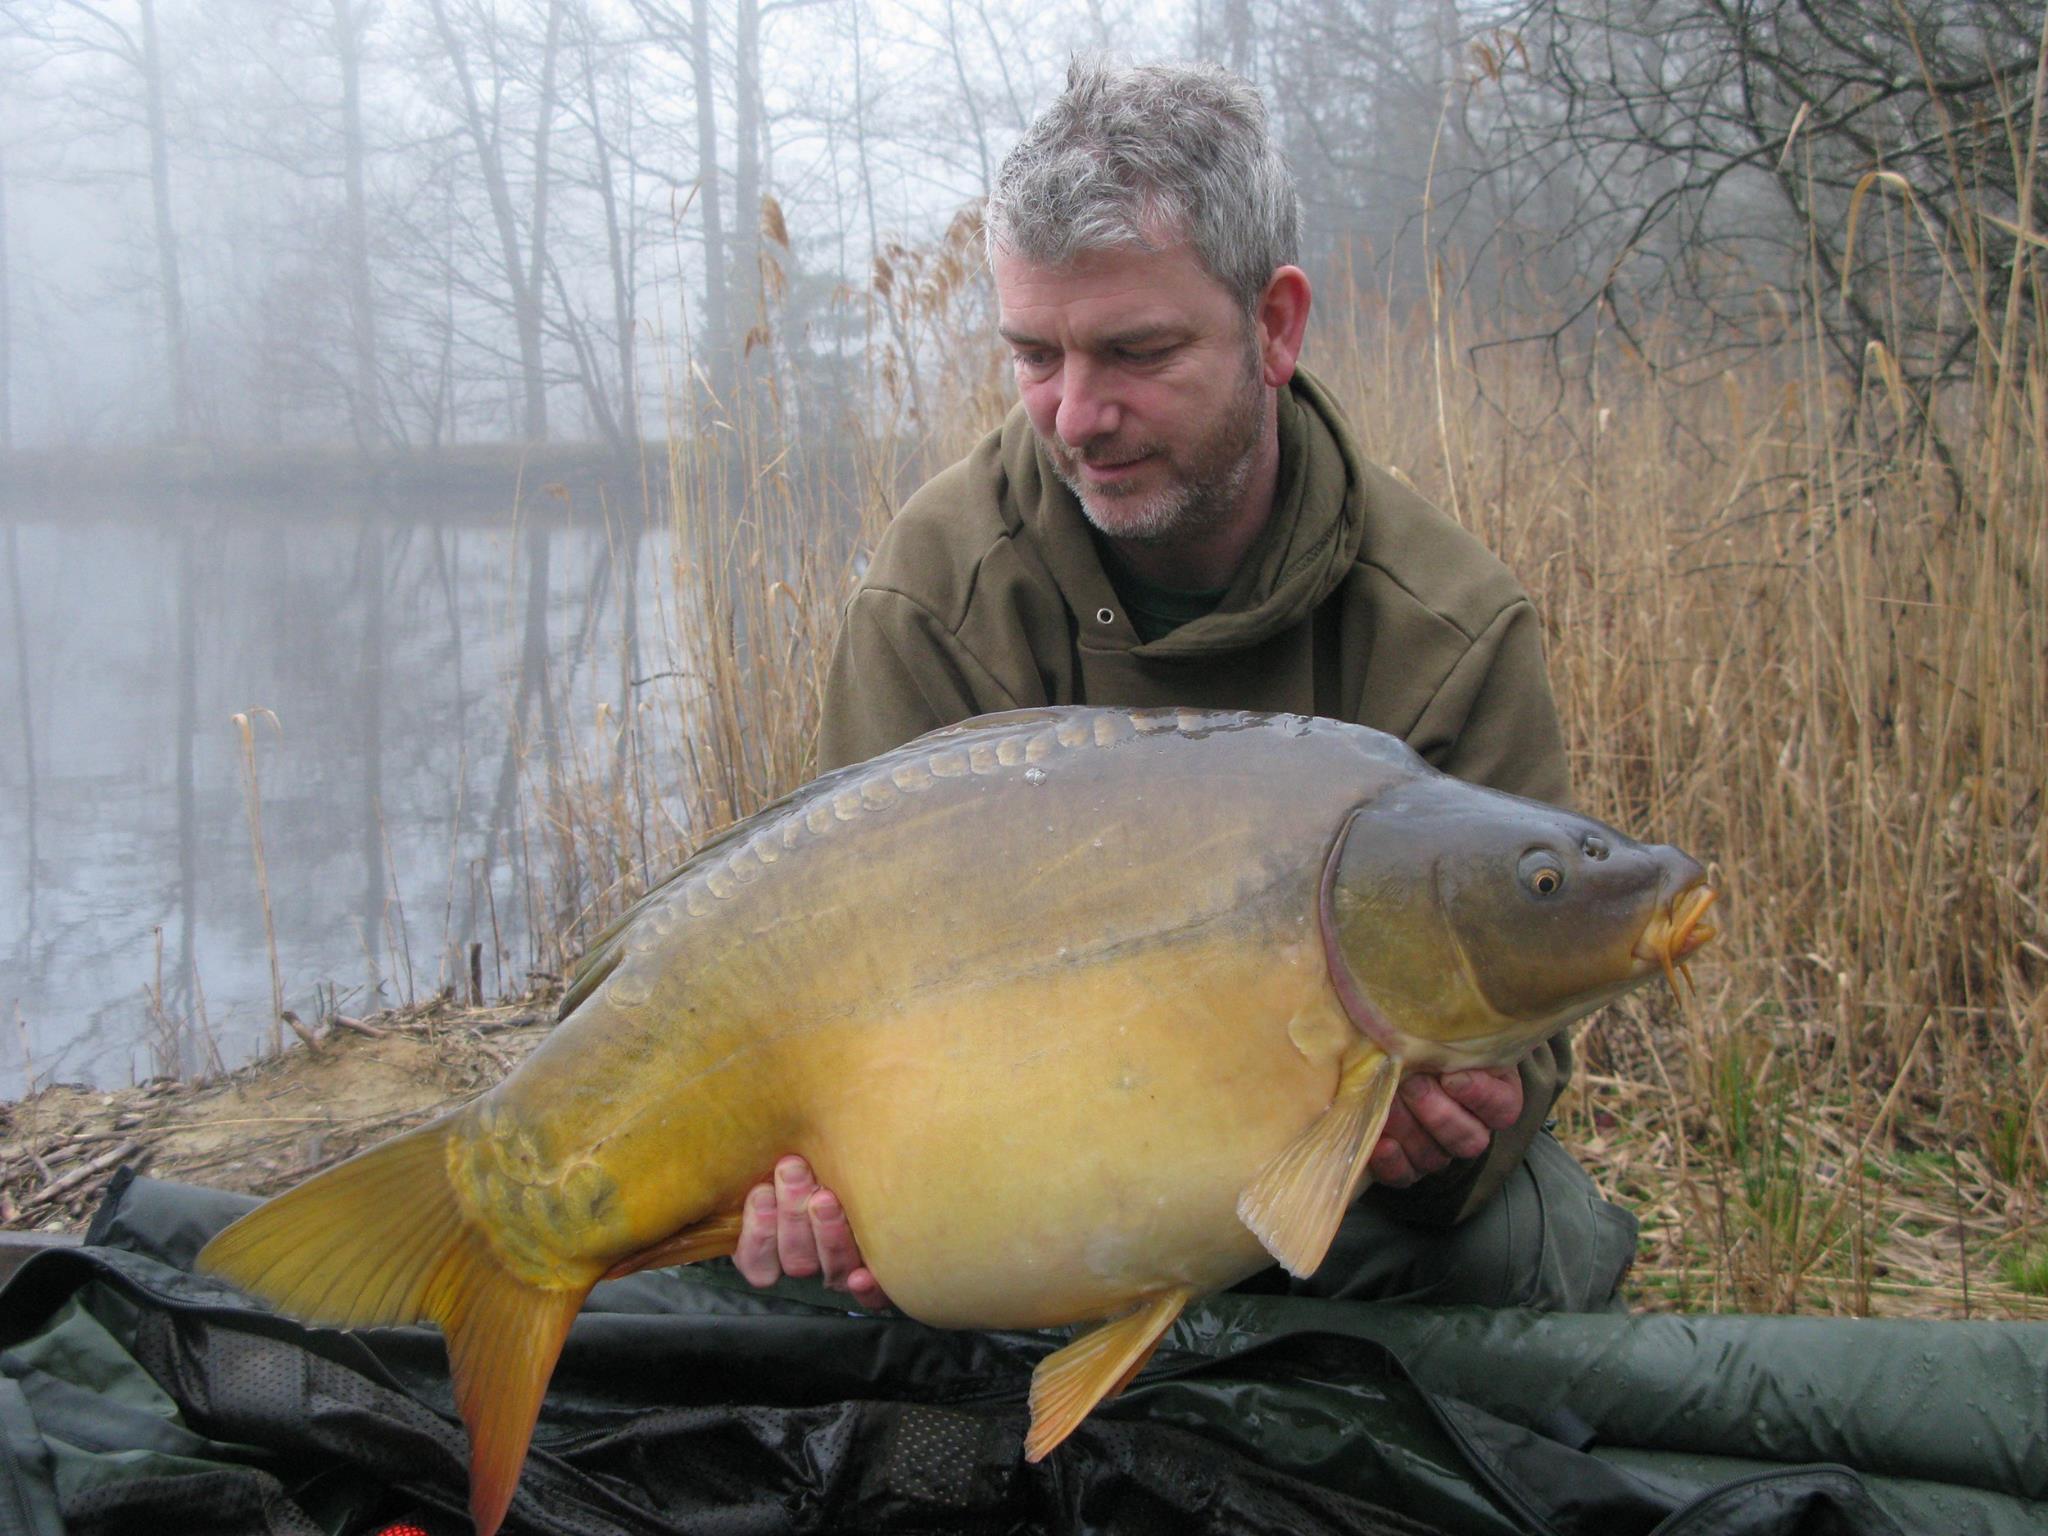 Mirror 32 lb - 14.4 kg